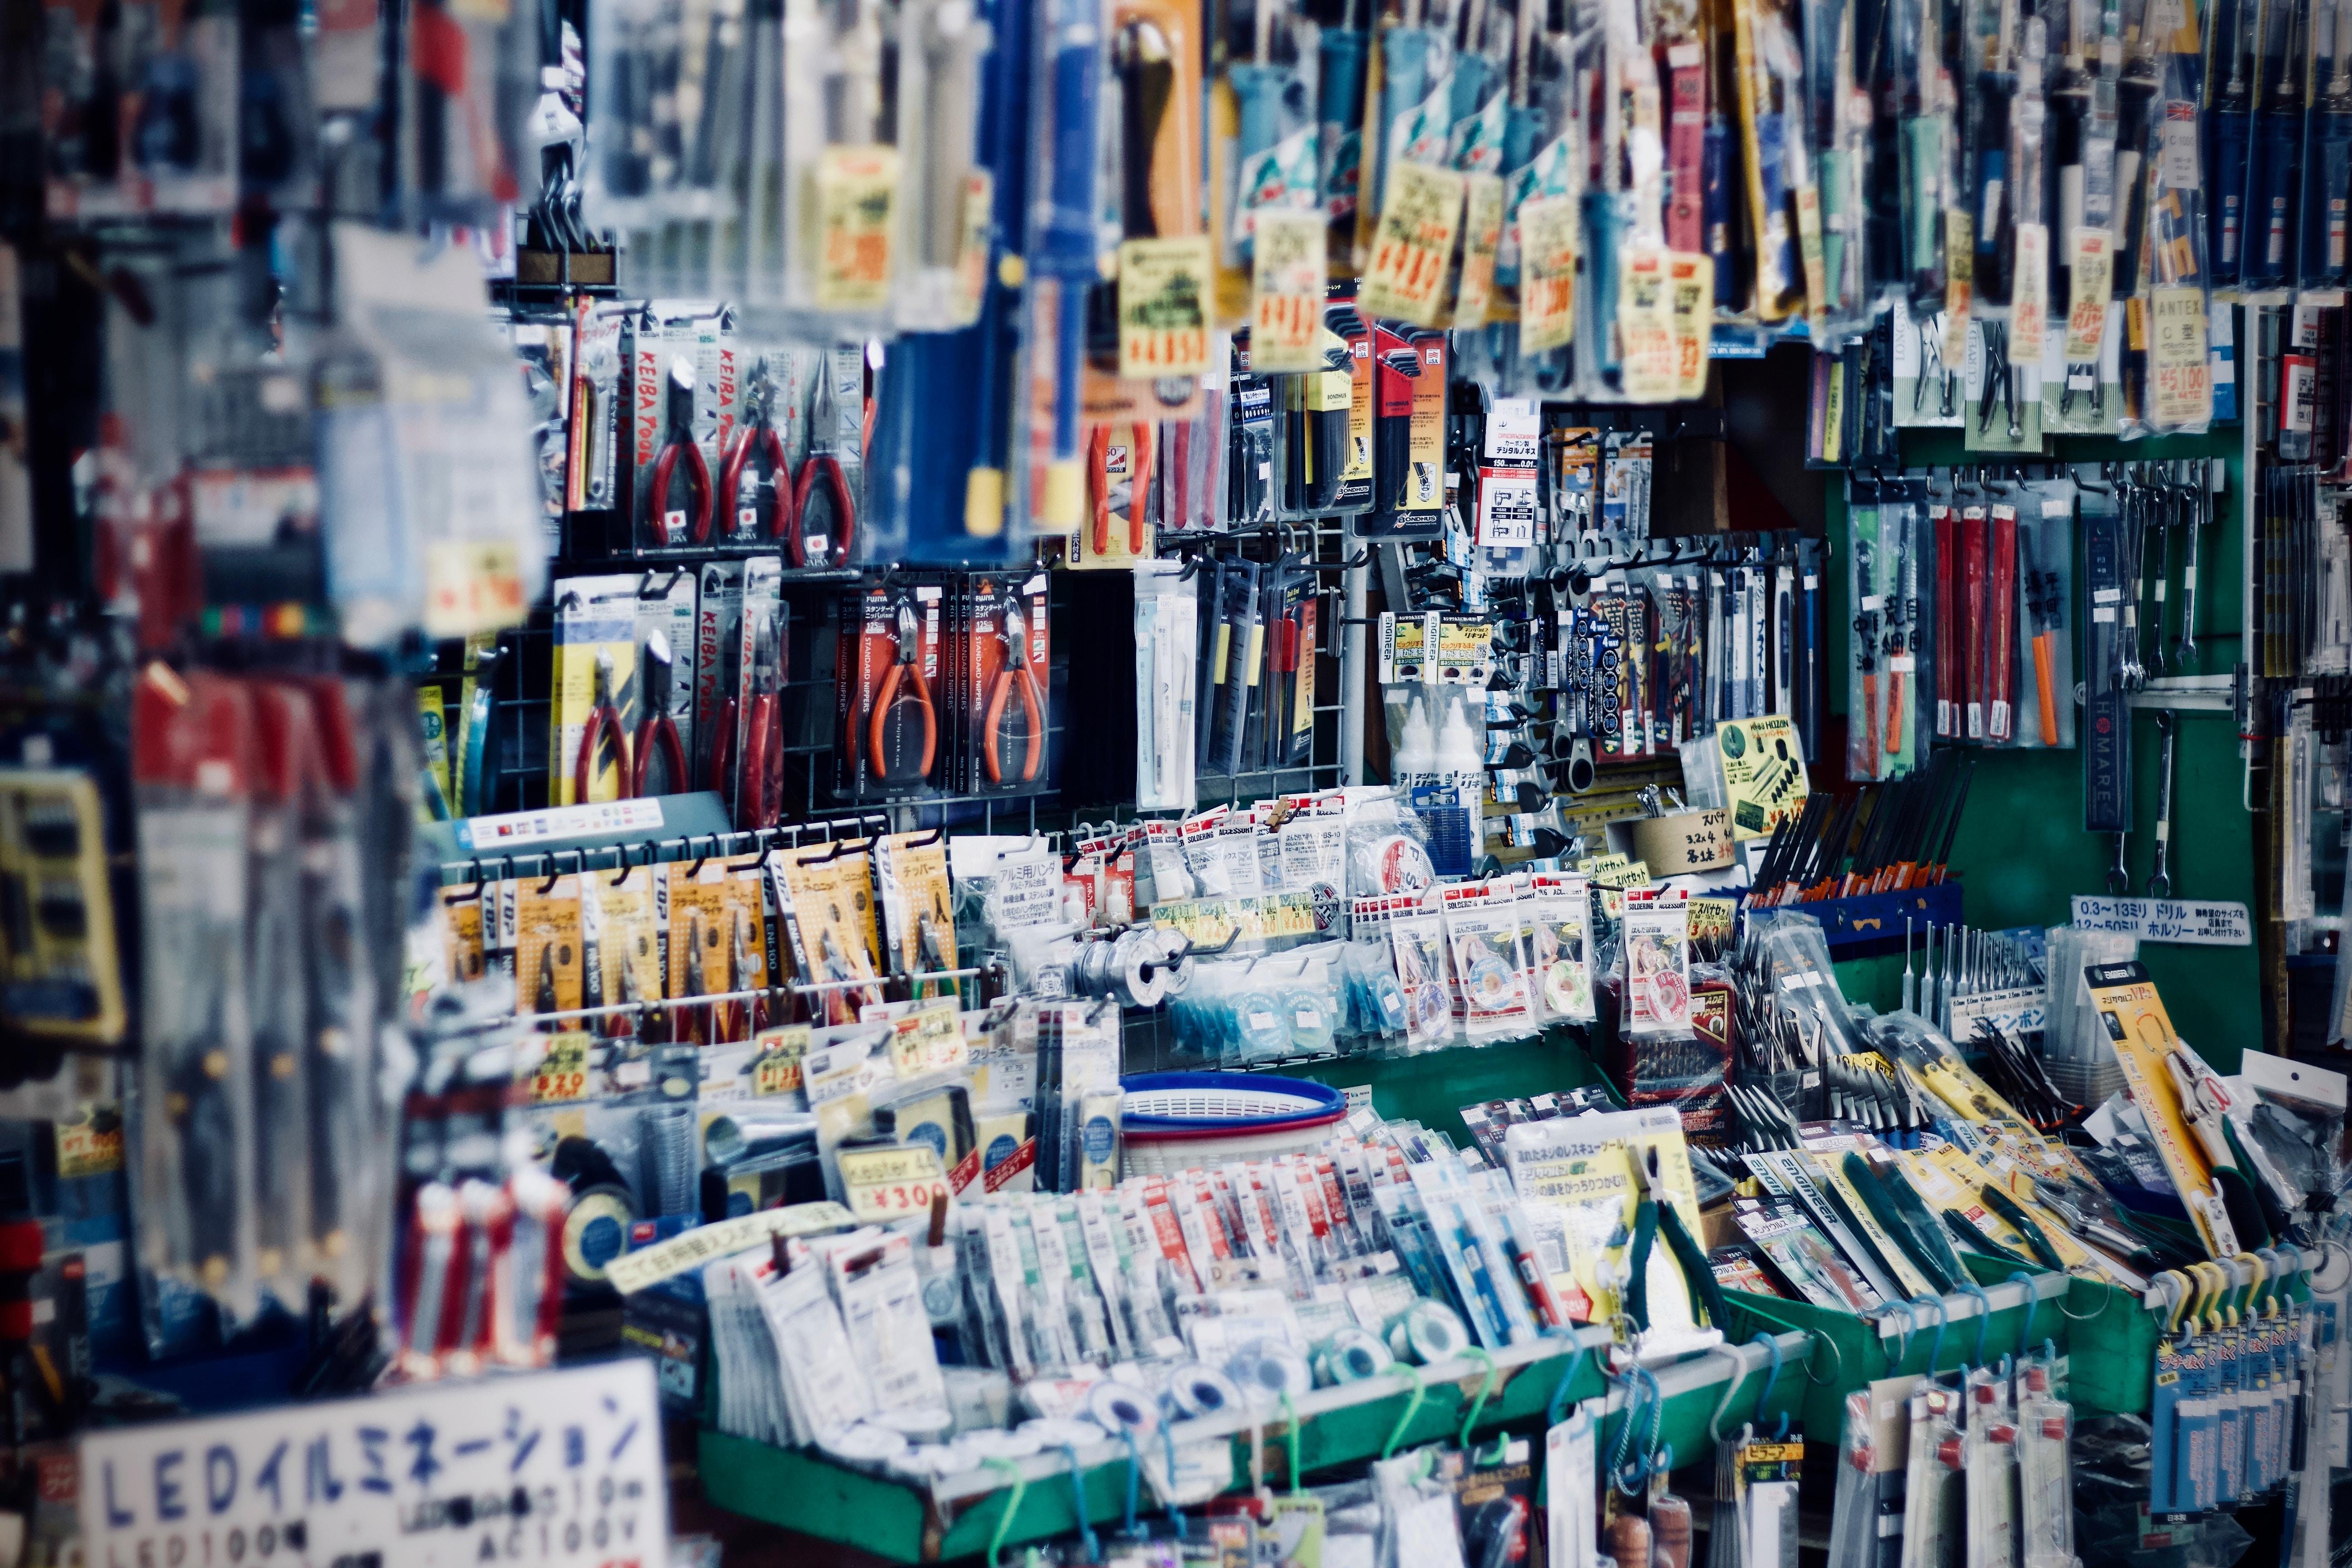 Durchschnittliche Größe des Baumarkt auf baumarktblog24.de